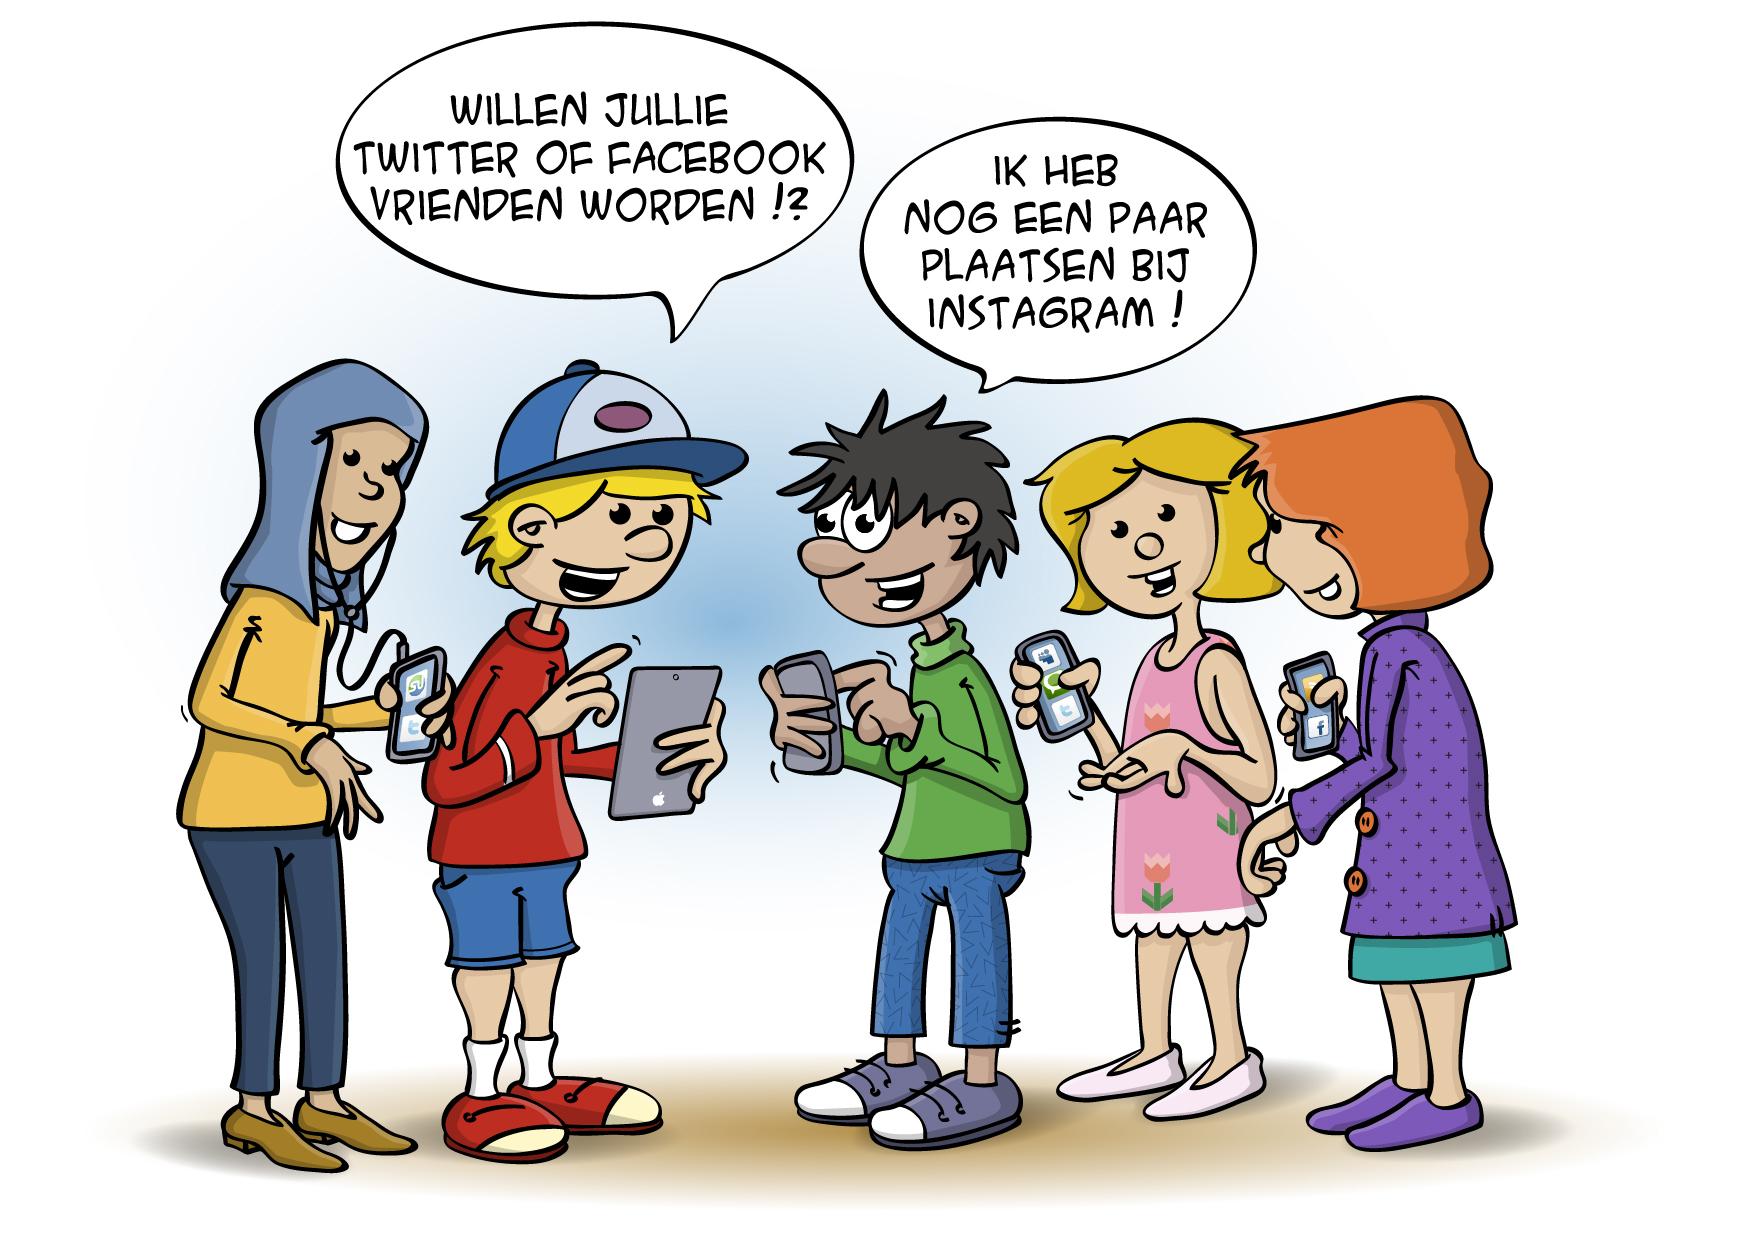 Educatieve Illustratie voor lesboek; Sociale media vrienden worden.